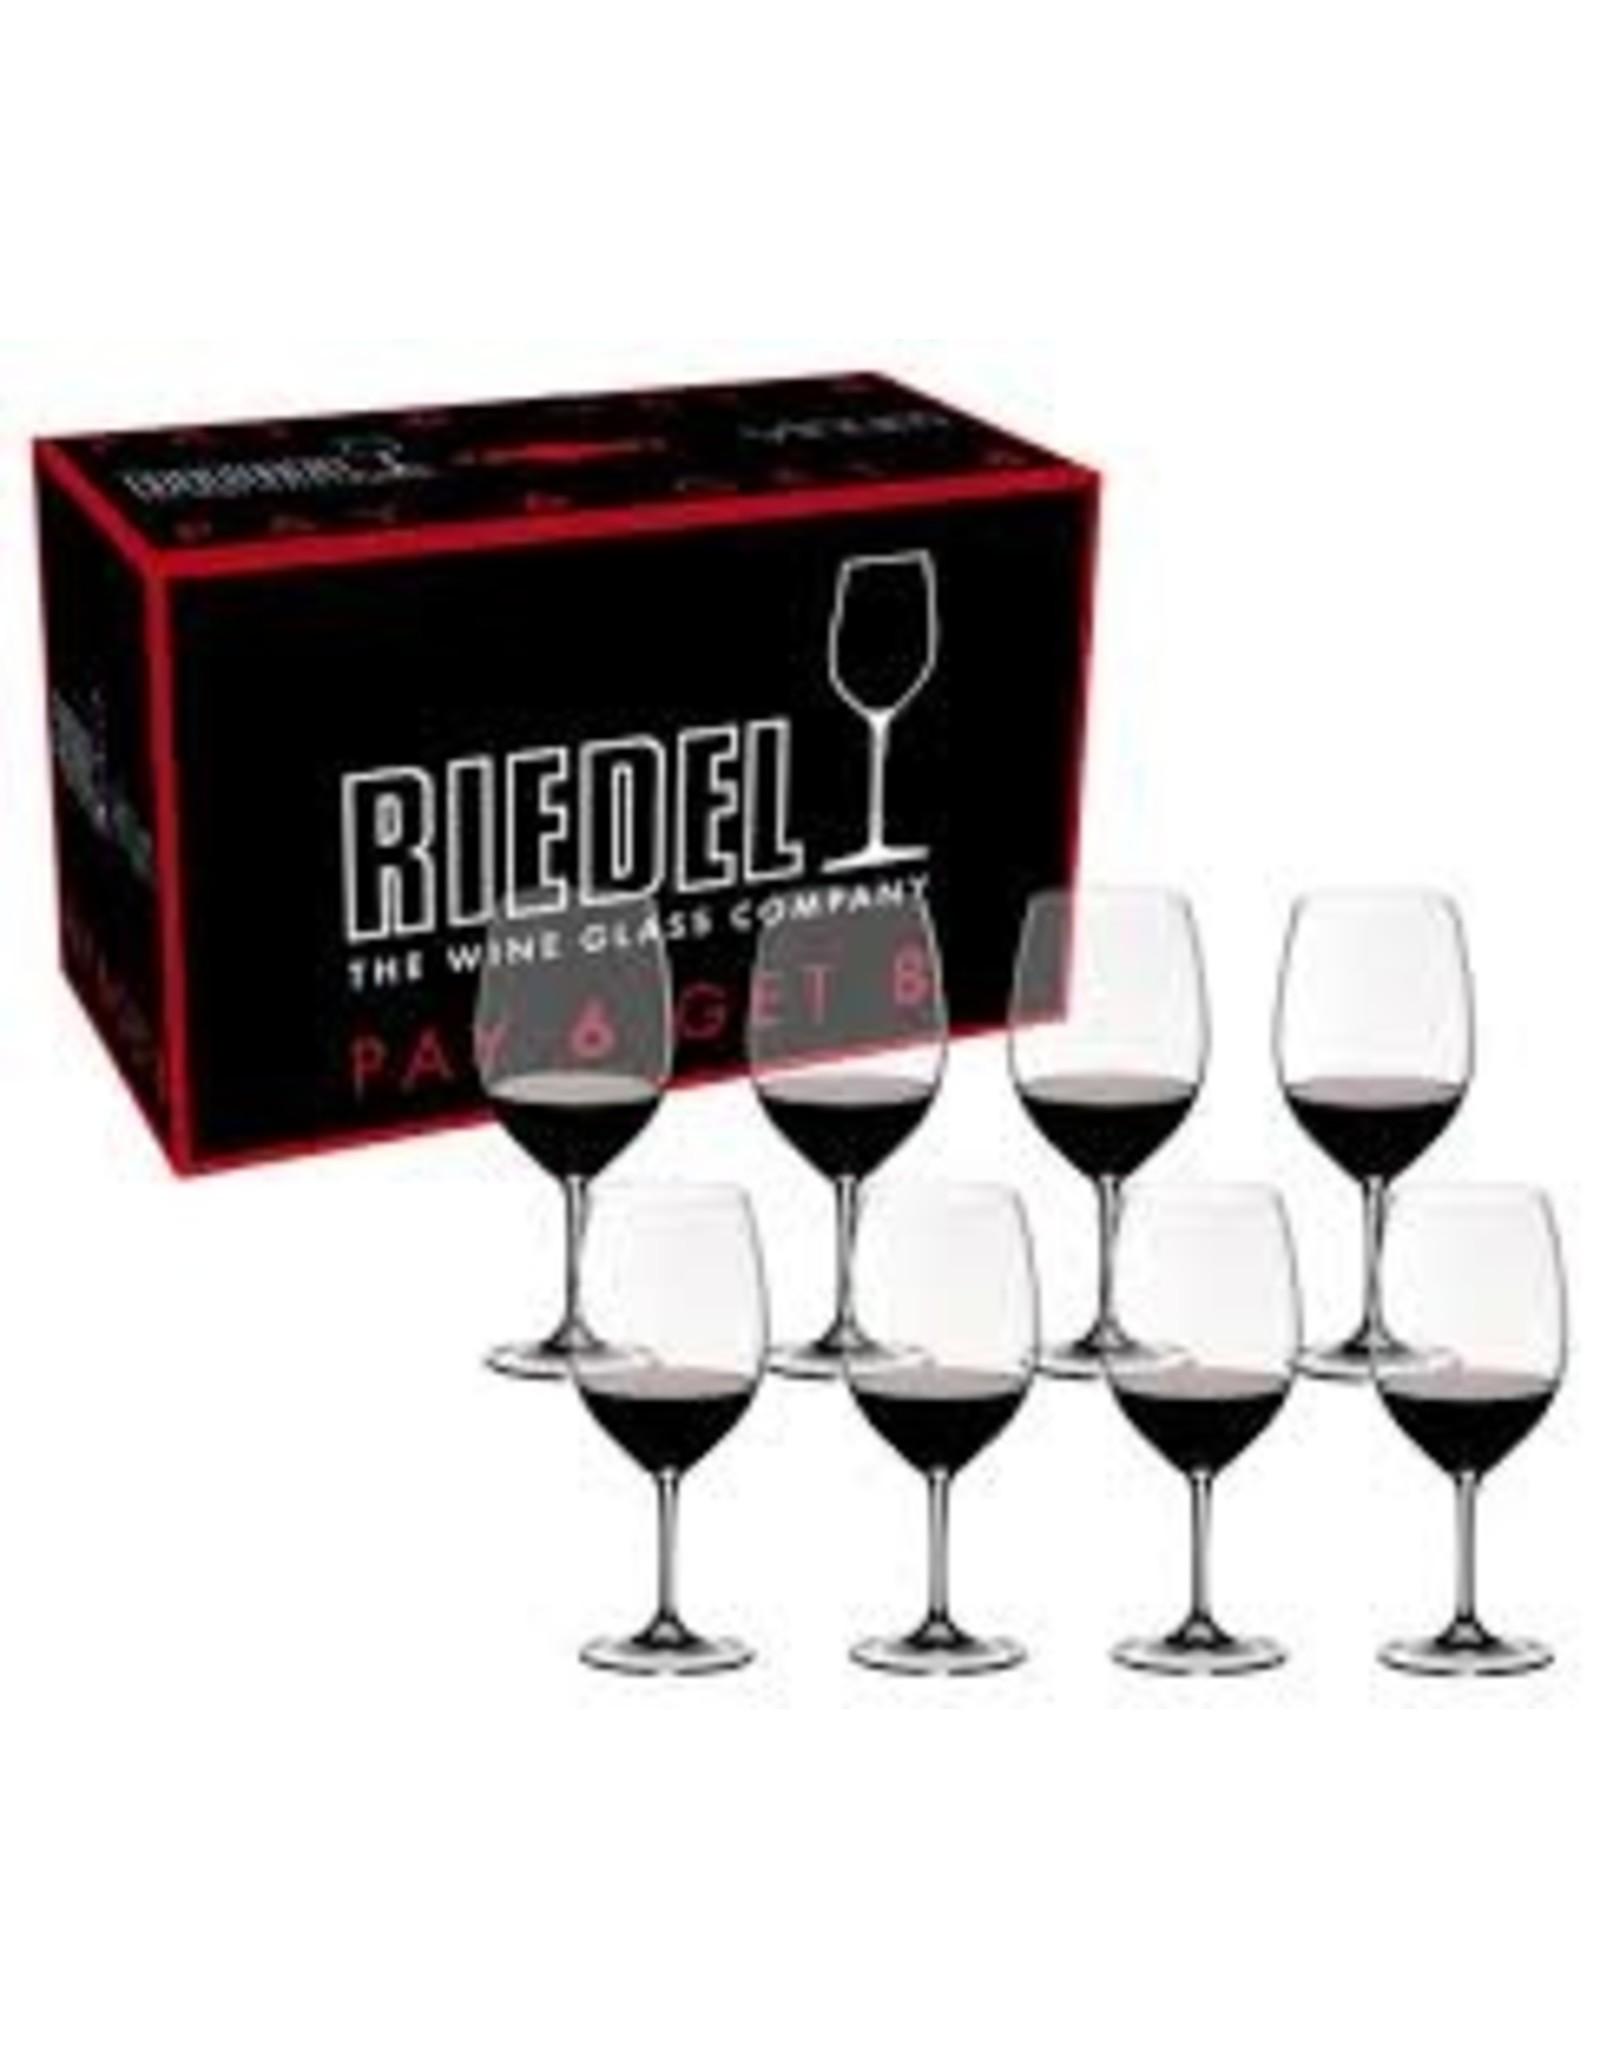 Riedel RIEDEL Bordeaux Cab Sauv/Merlot Pay 6 Get 8